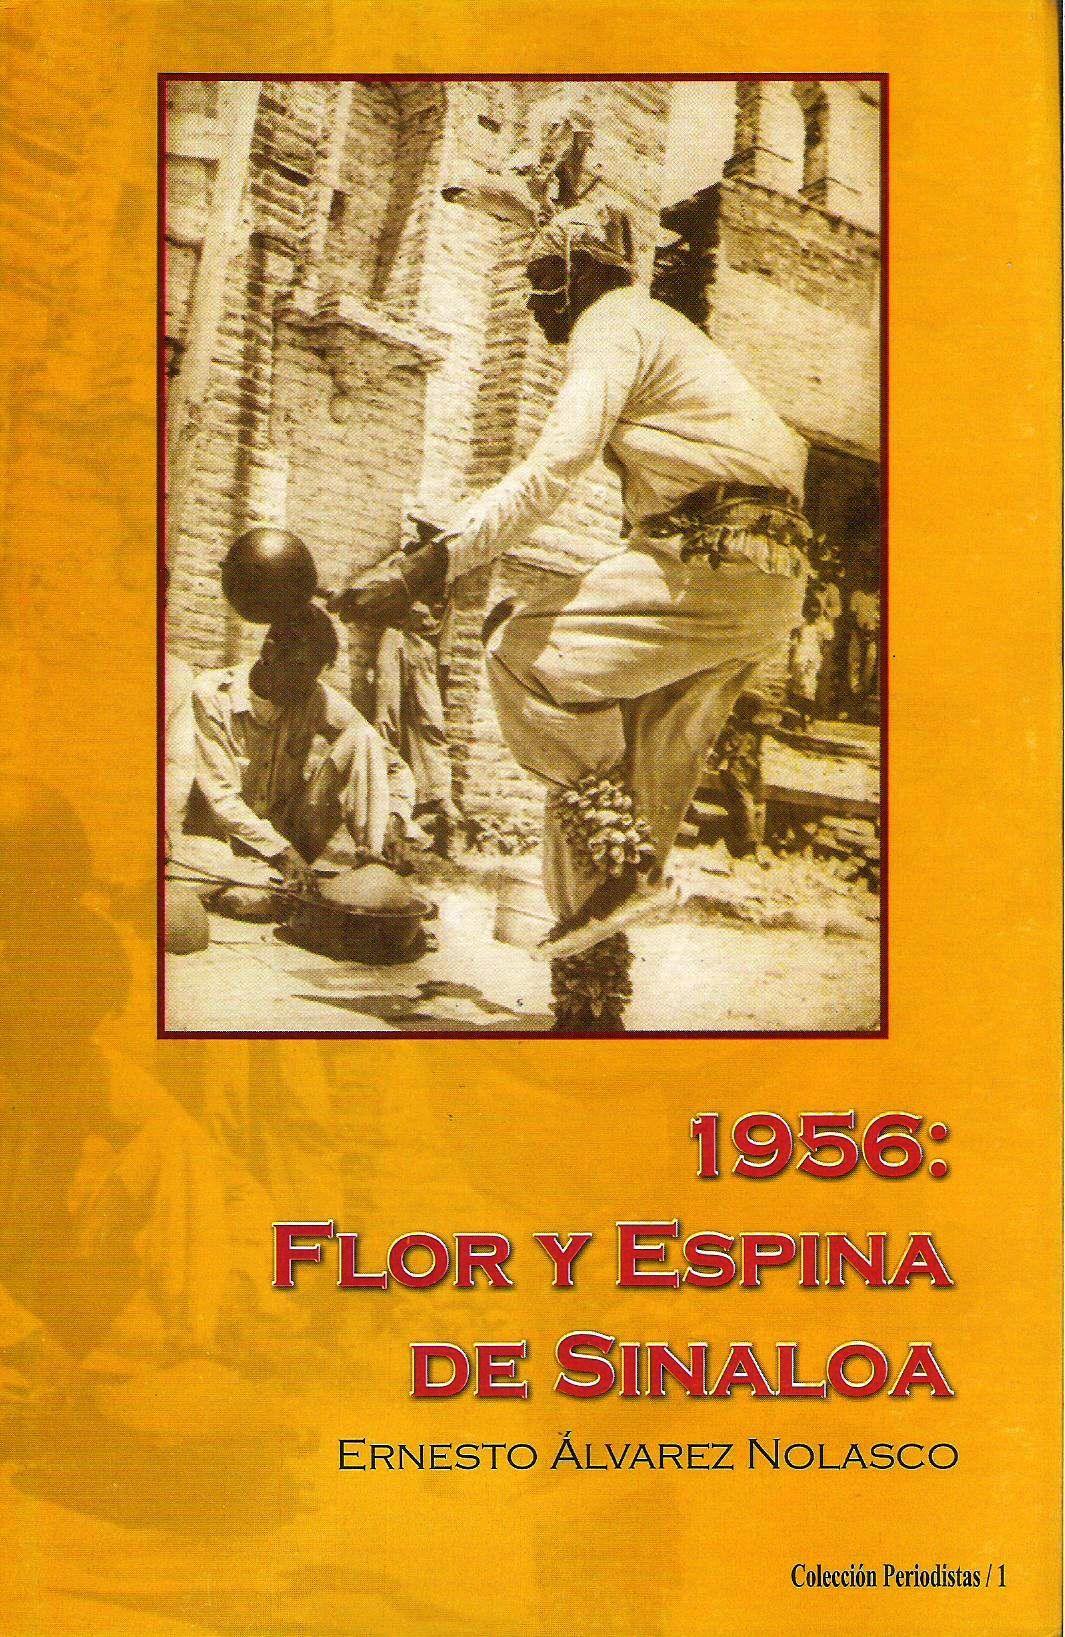 Image result for imágenes de Ernesto álVAREZ nOLASCO